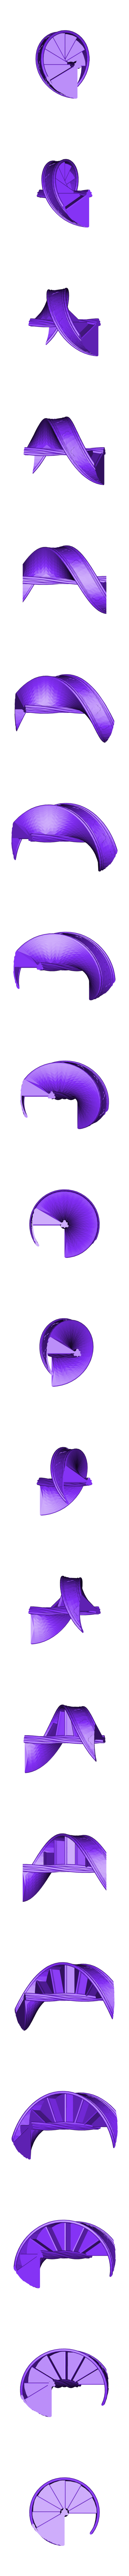 CStairs2Half1.stl Télécharger fichier STL gratuit Escalier du château Deux • Design imprimable en 3D, gabutoillegna56